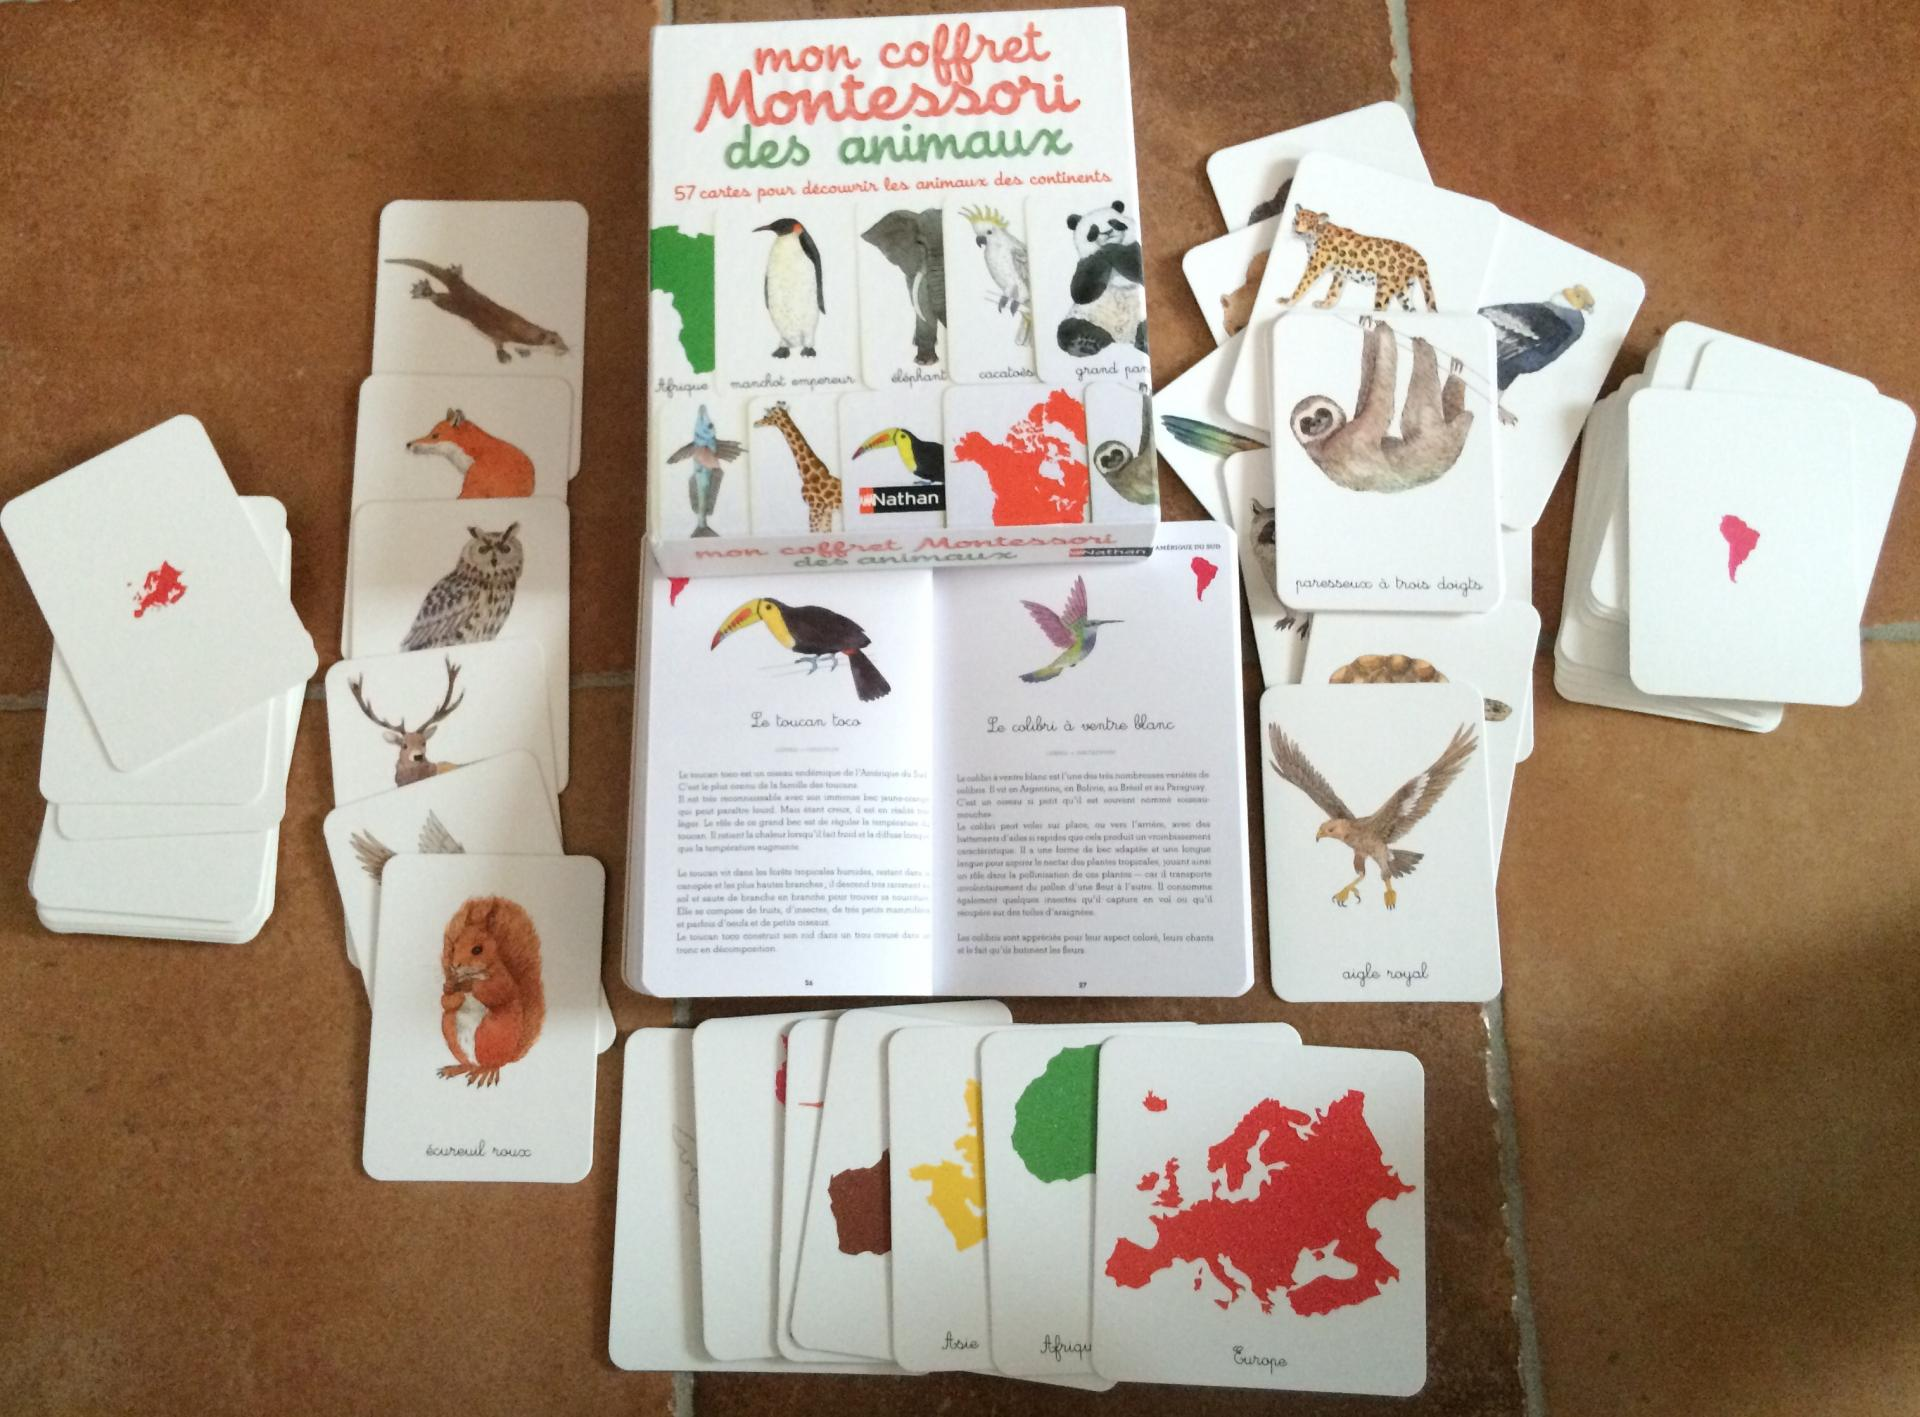 Mon coffret Montessori des animaux extrait